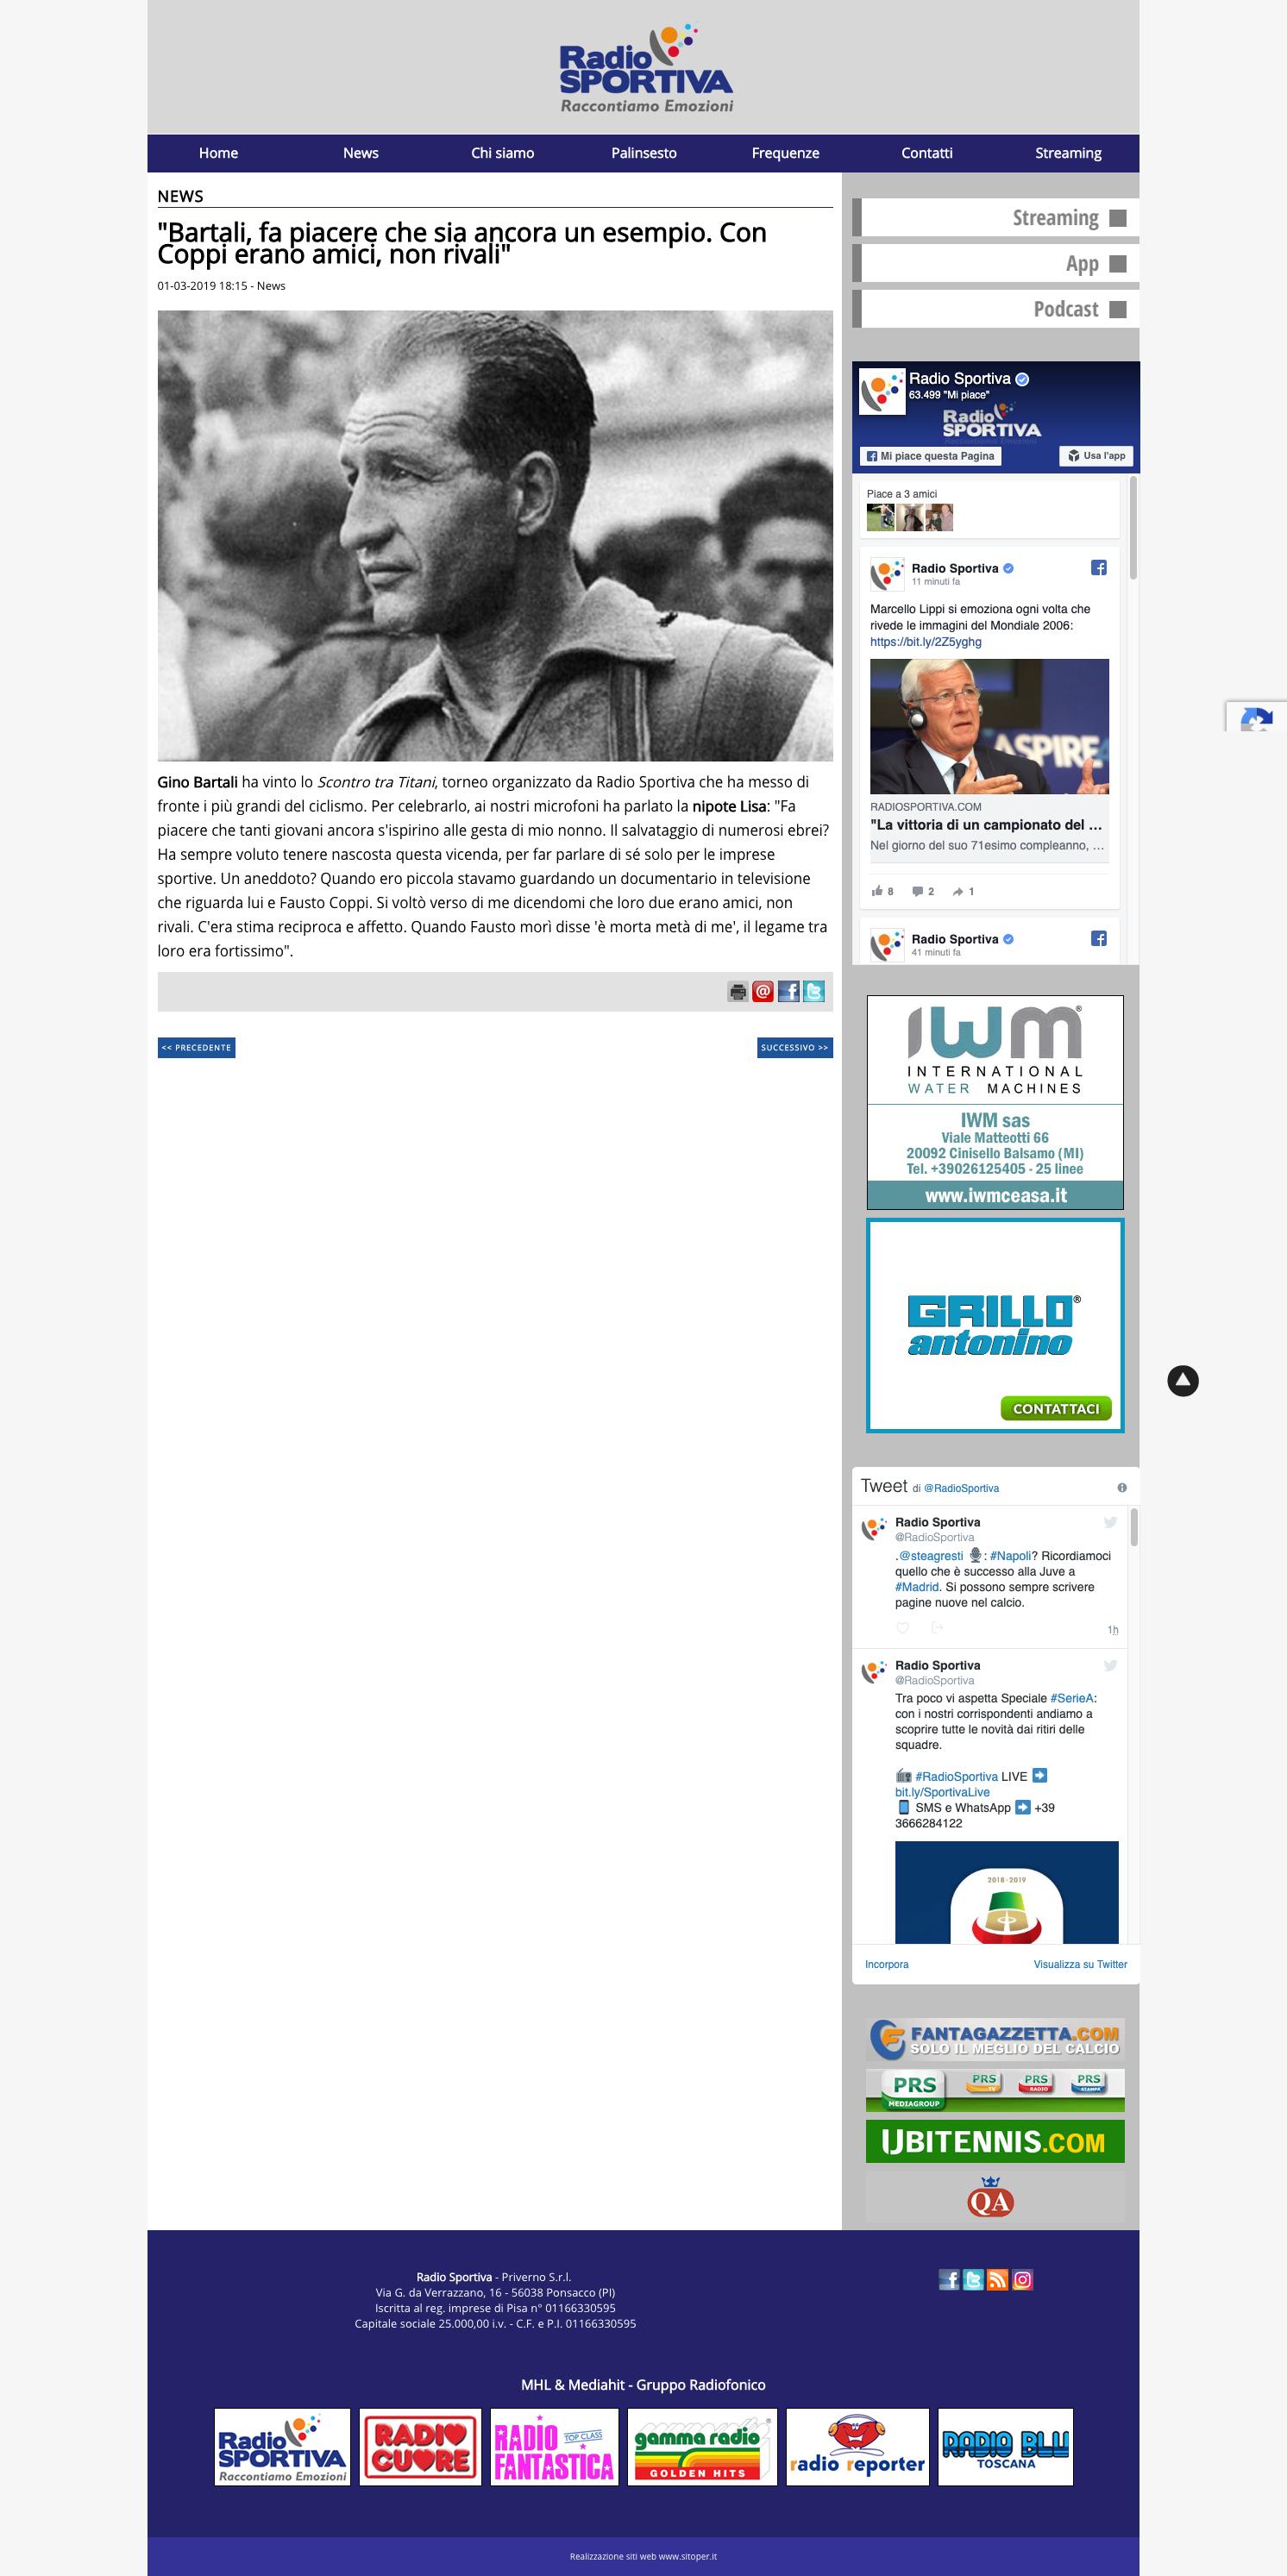 Bartali-fa-piacere-che-sia-ancora-un-esempio.-Con-Coppi-erano-amici-non-rivali__-www.radiosportiva.com-04-2019